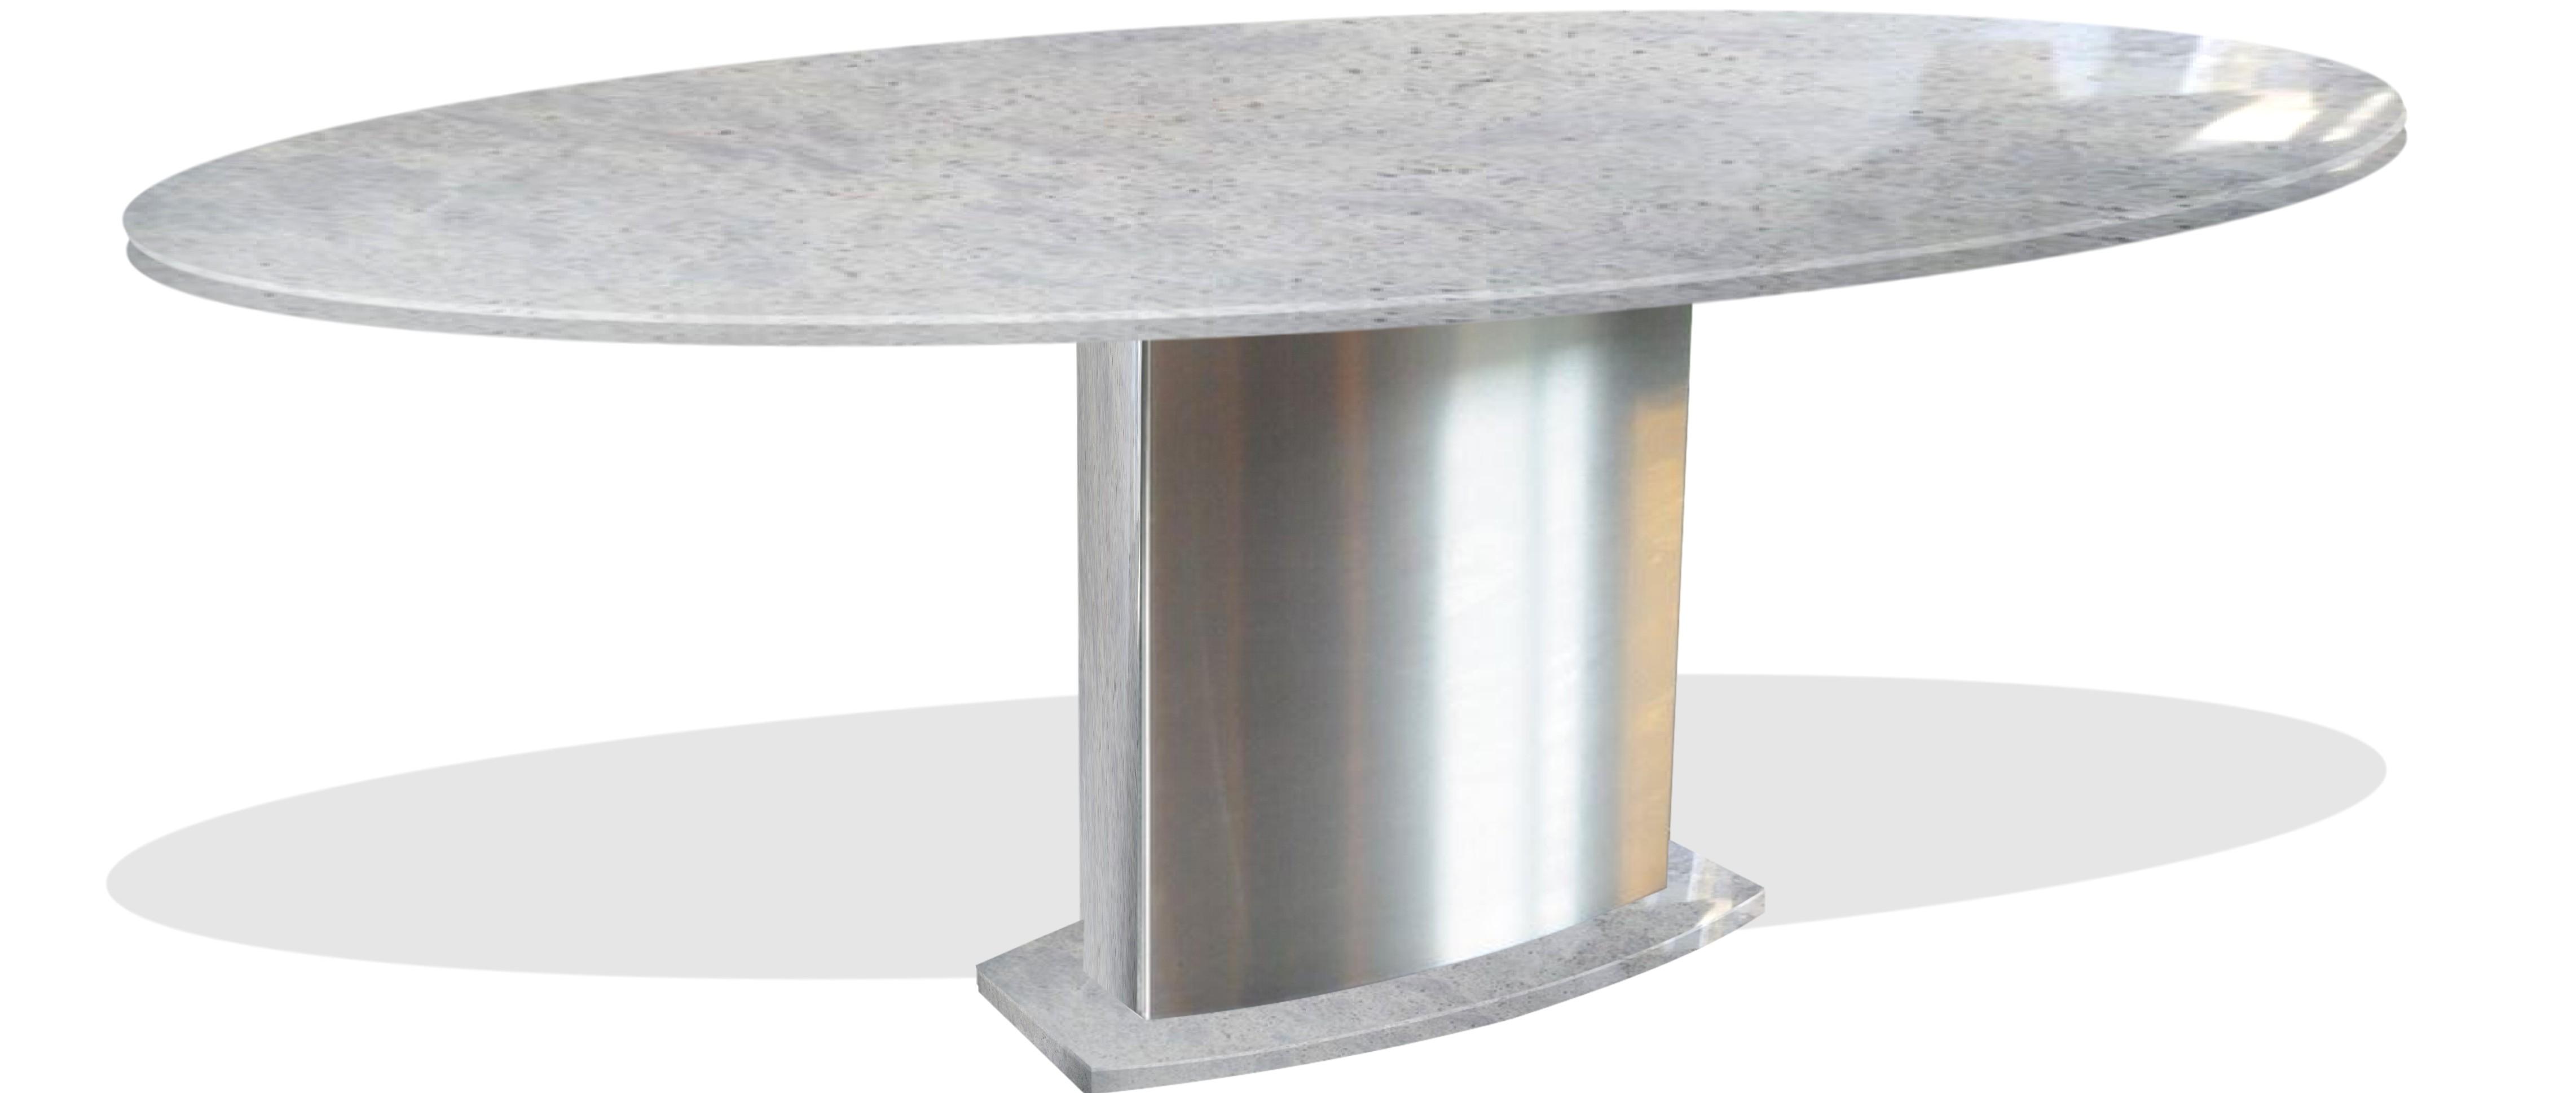 Modell Novalis - Tisch nach Mass